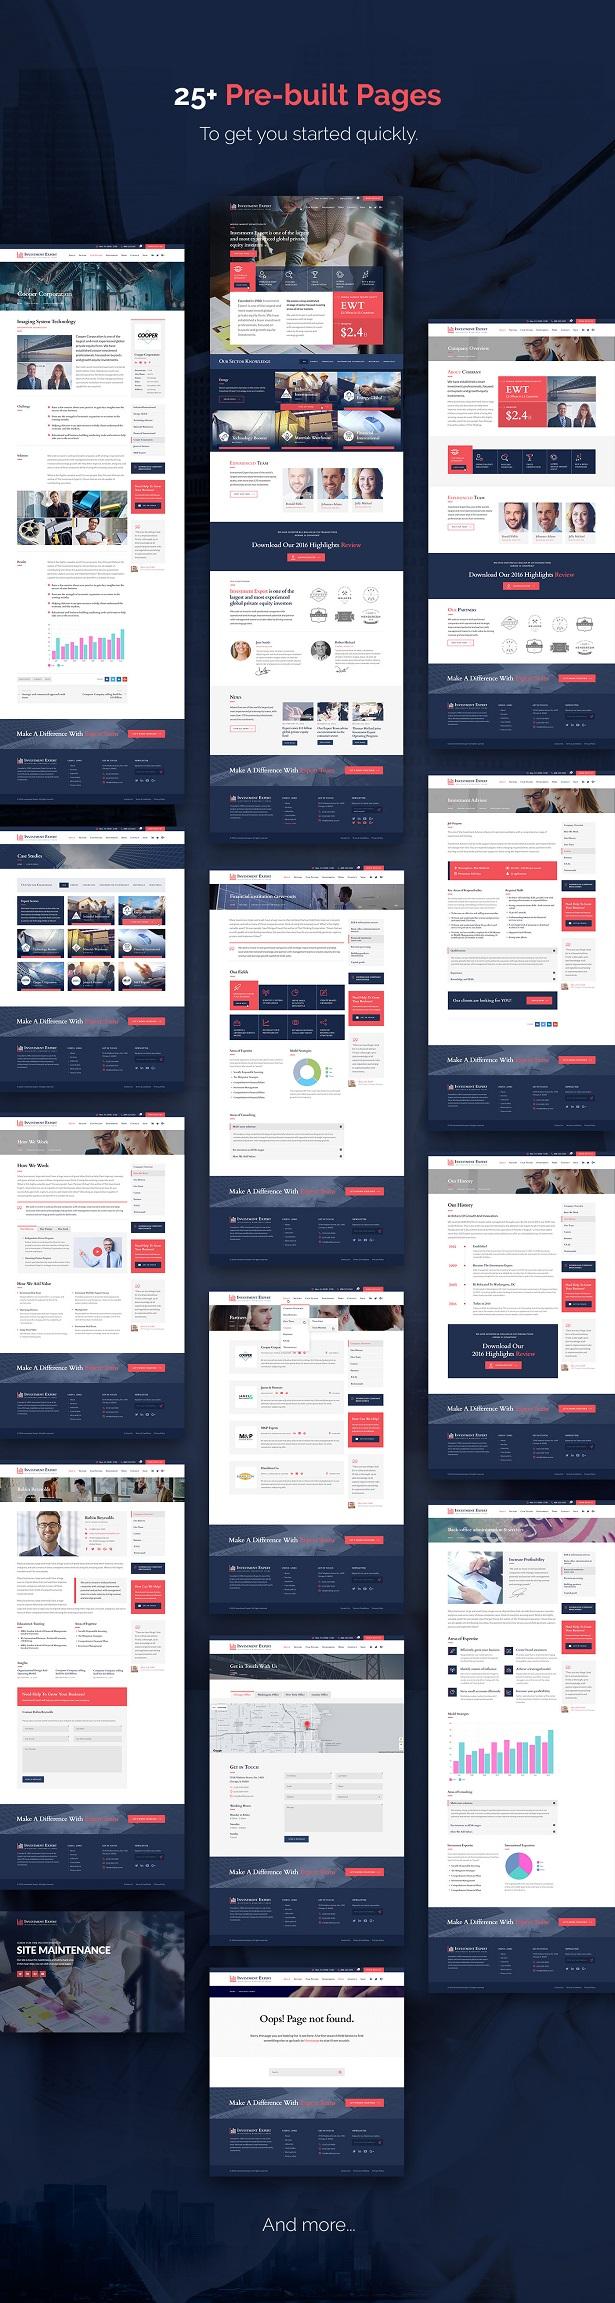 Investment Expert - Business Theme für Agenturen in der Finanzberatung + RTL - 3